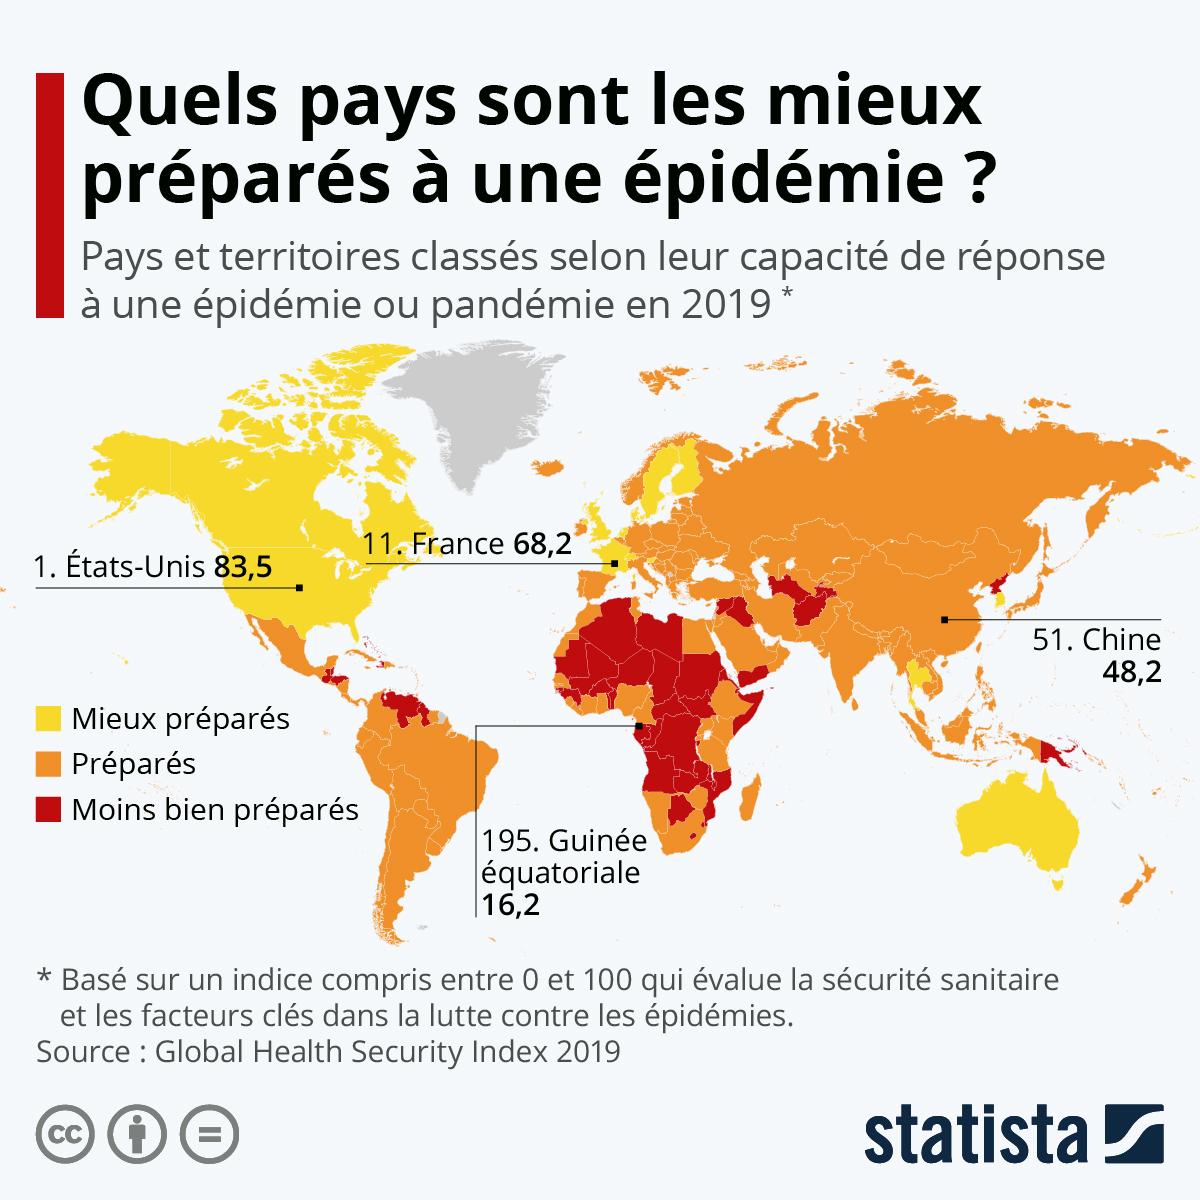 """Résultat de recherche d'images pour """"quels pays sont les mieux preparés à une epidemie"""""""